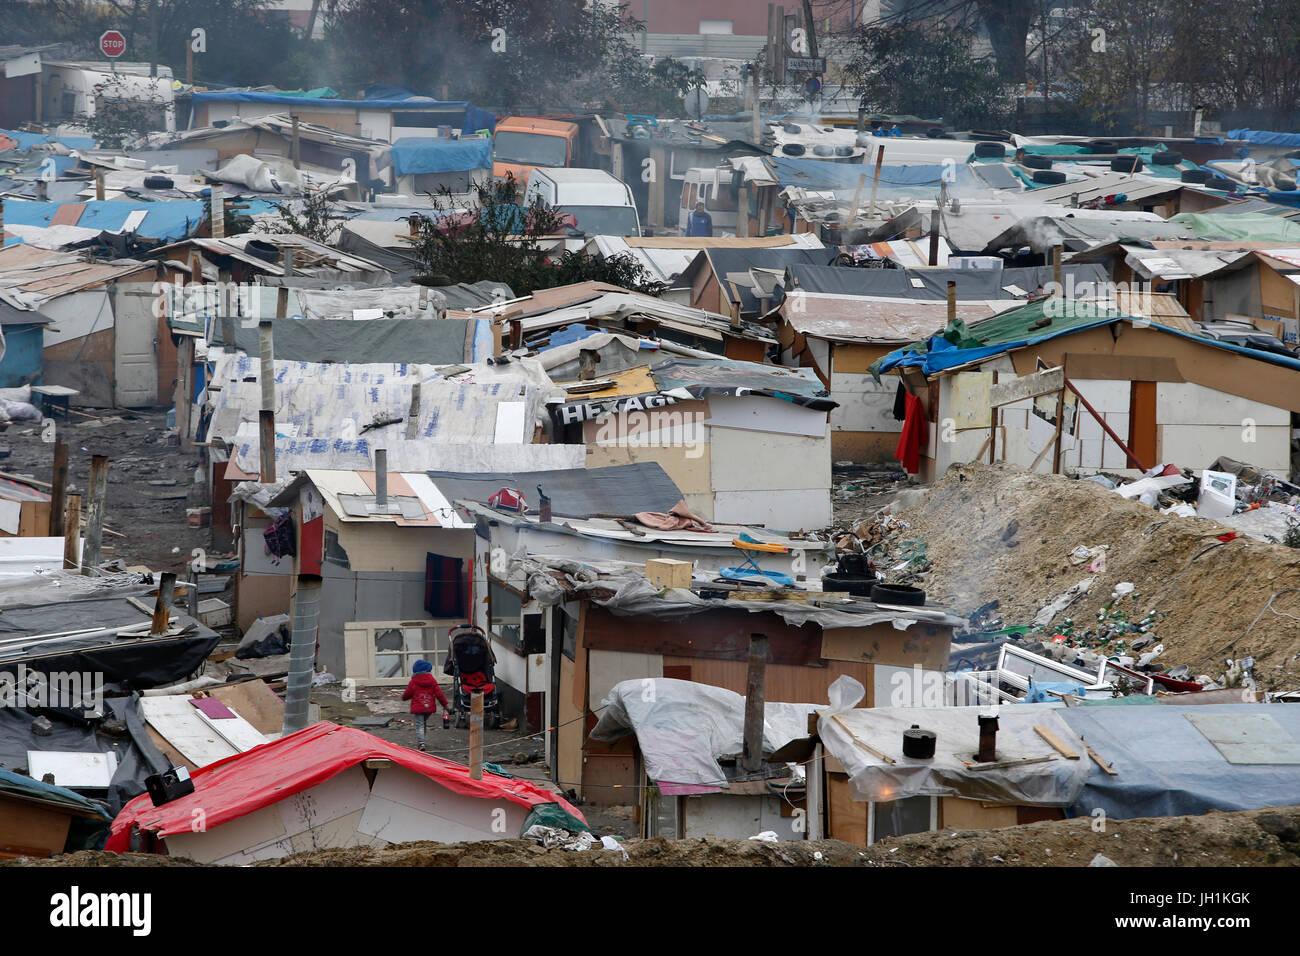 Campamento en Pierrefitte-sur-Seine, Francia. Francia. Imagen De Stock